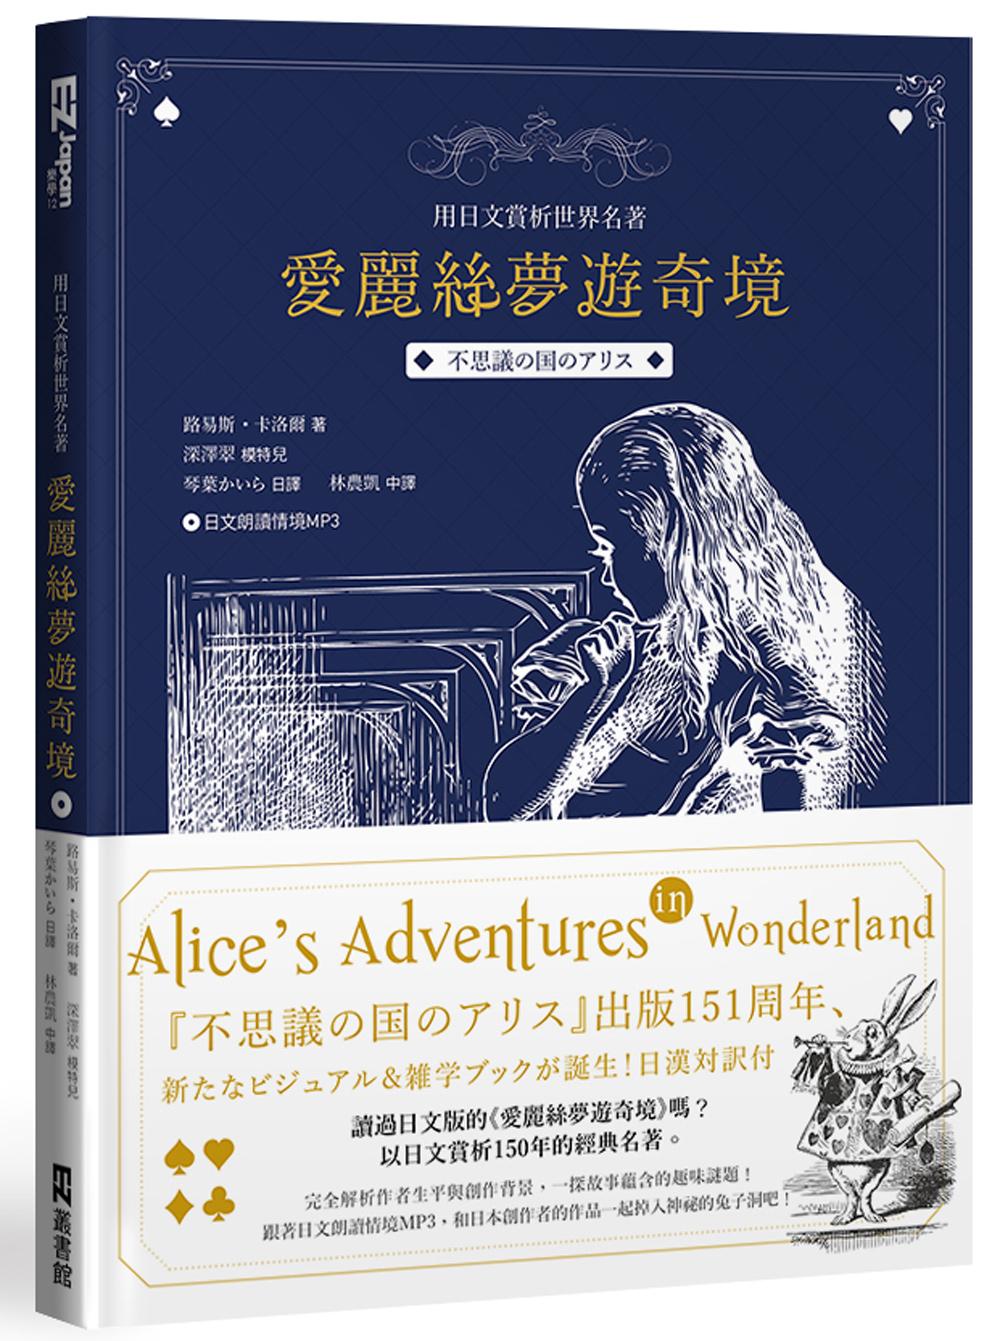 愛麗絲夢遊奇境:用日文賞析世界名著(中日文對照 附日語朗讀情境MP3)路易斯.卡洛爾 Lewis Carroll